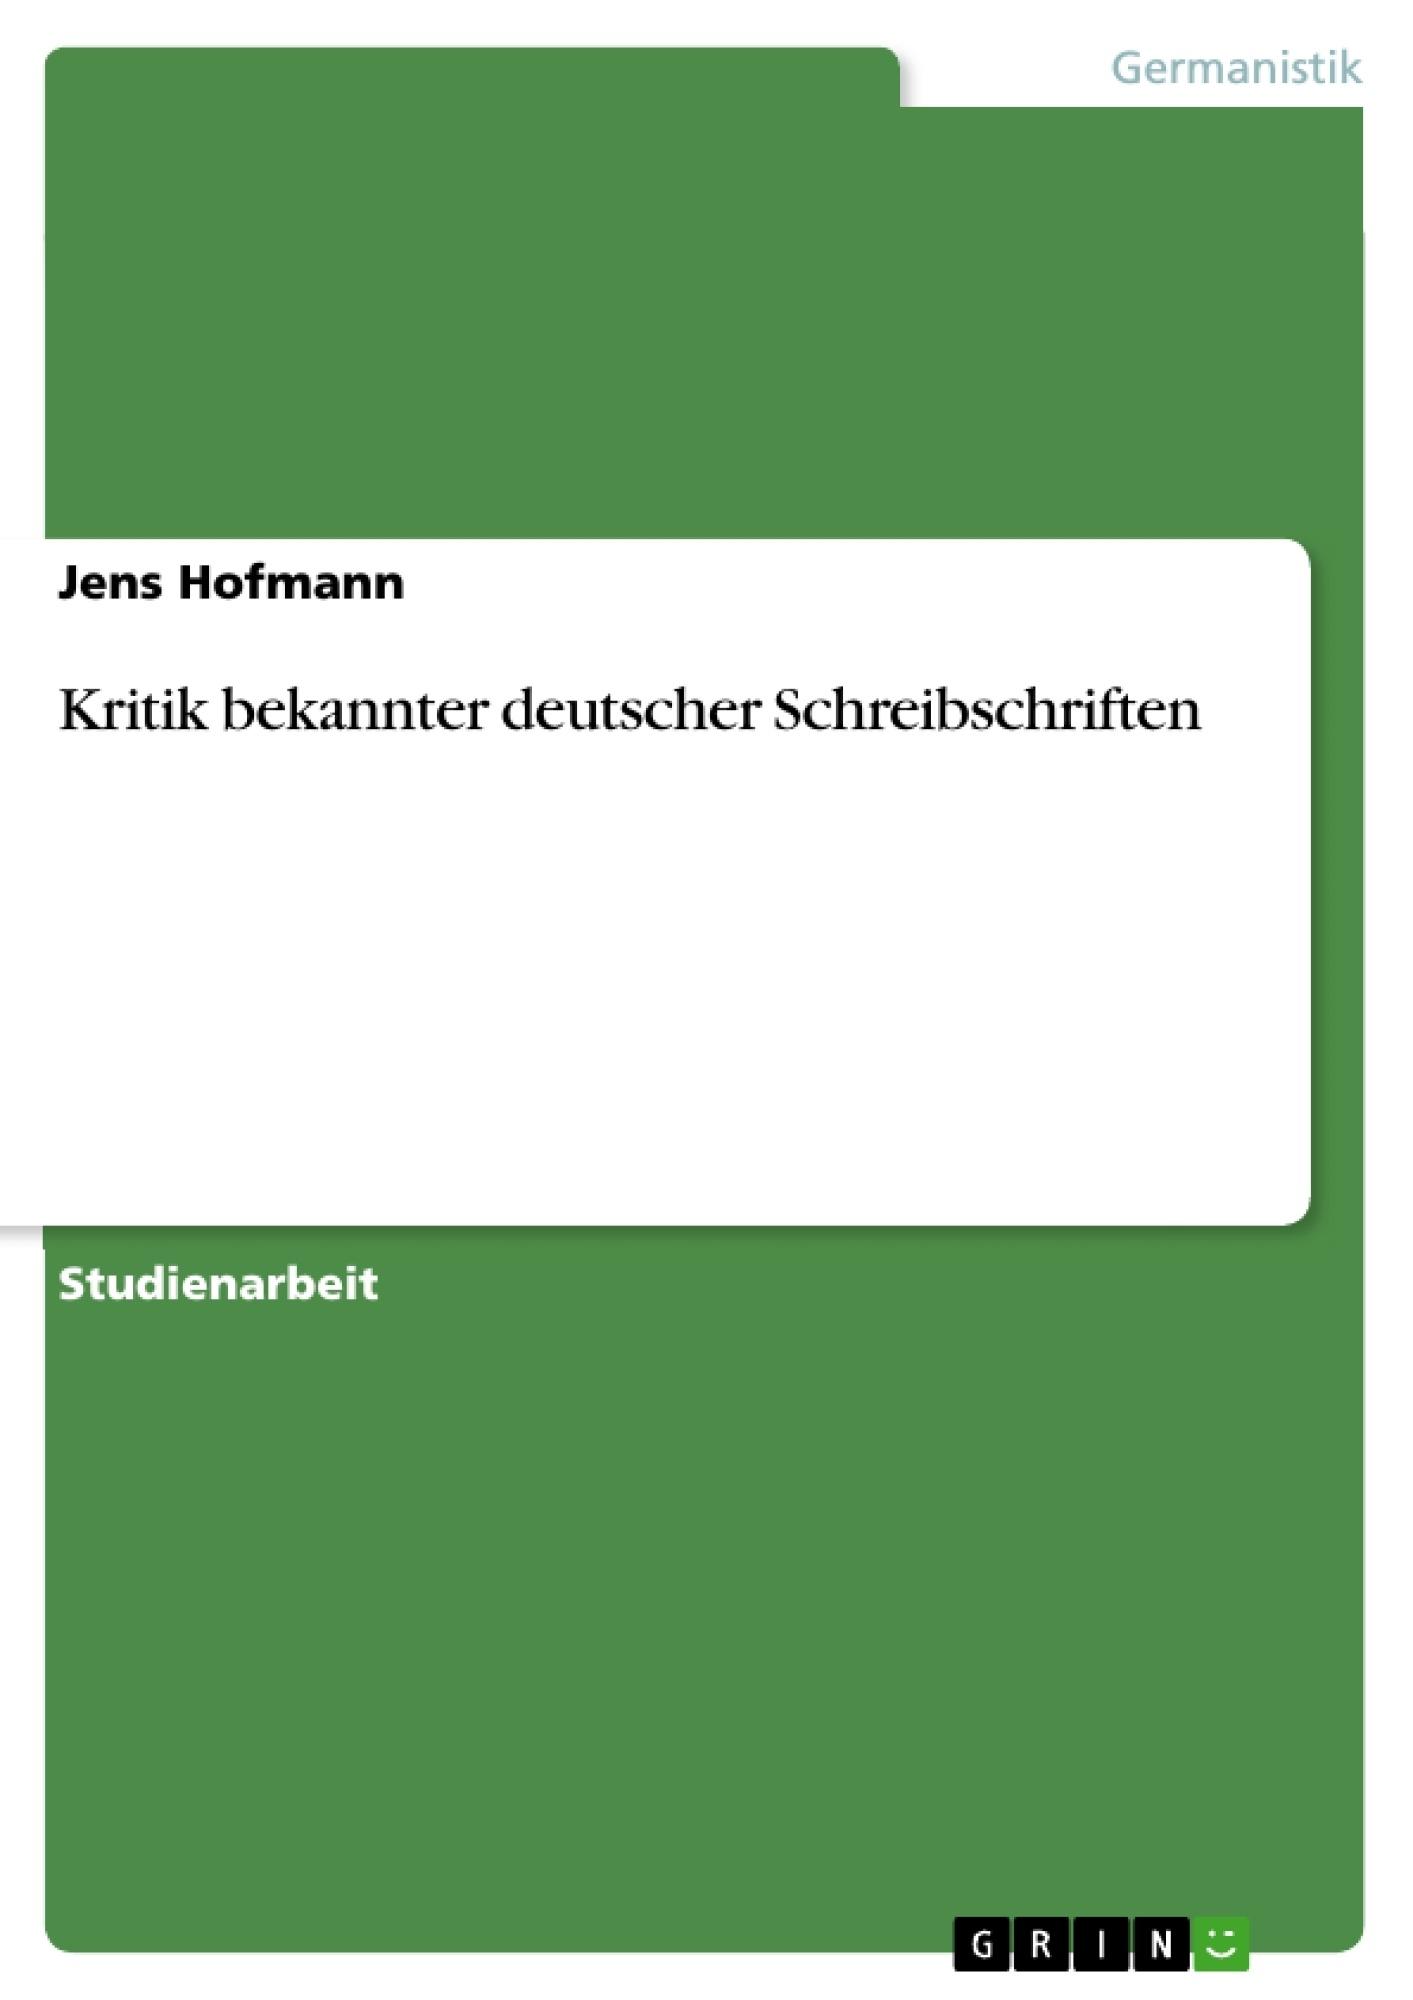 Titel: Kritik bekannter deutscher Schreibschriften